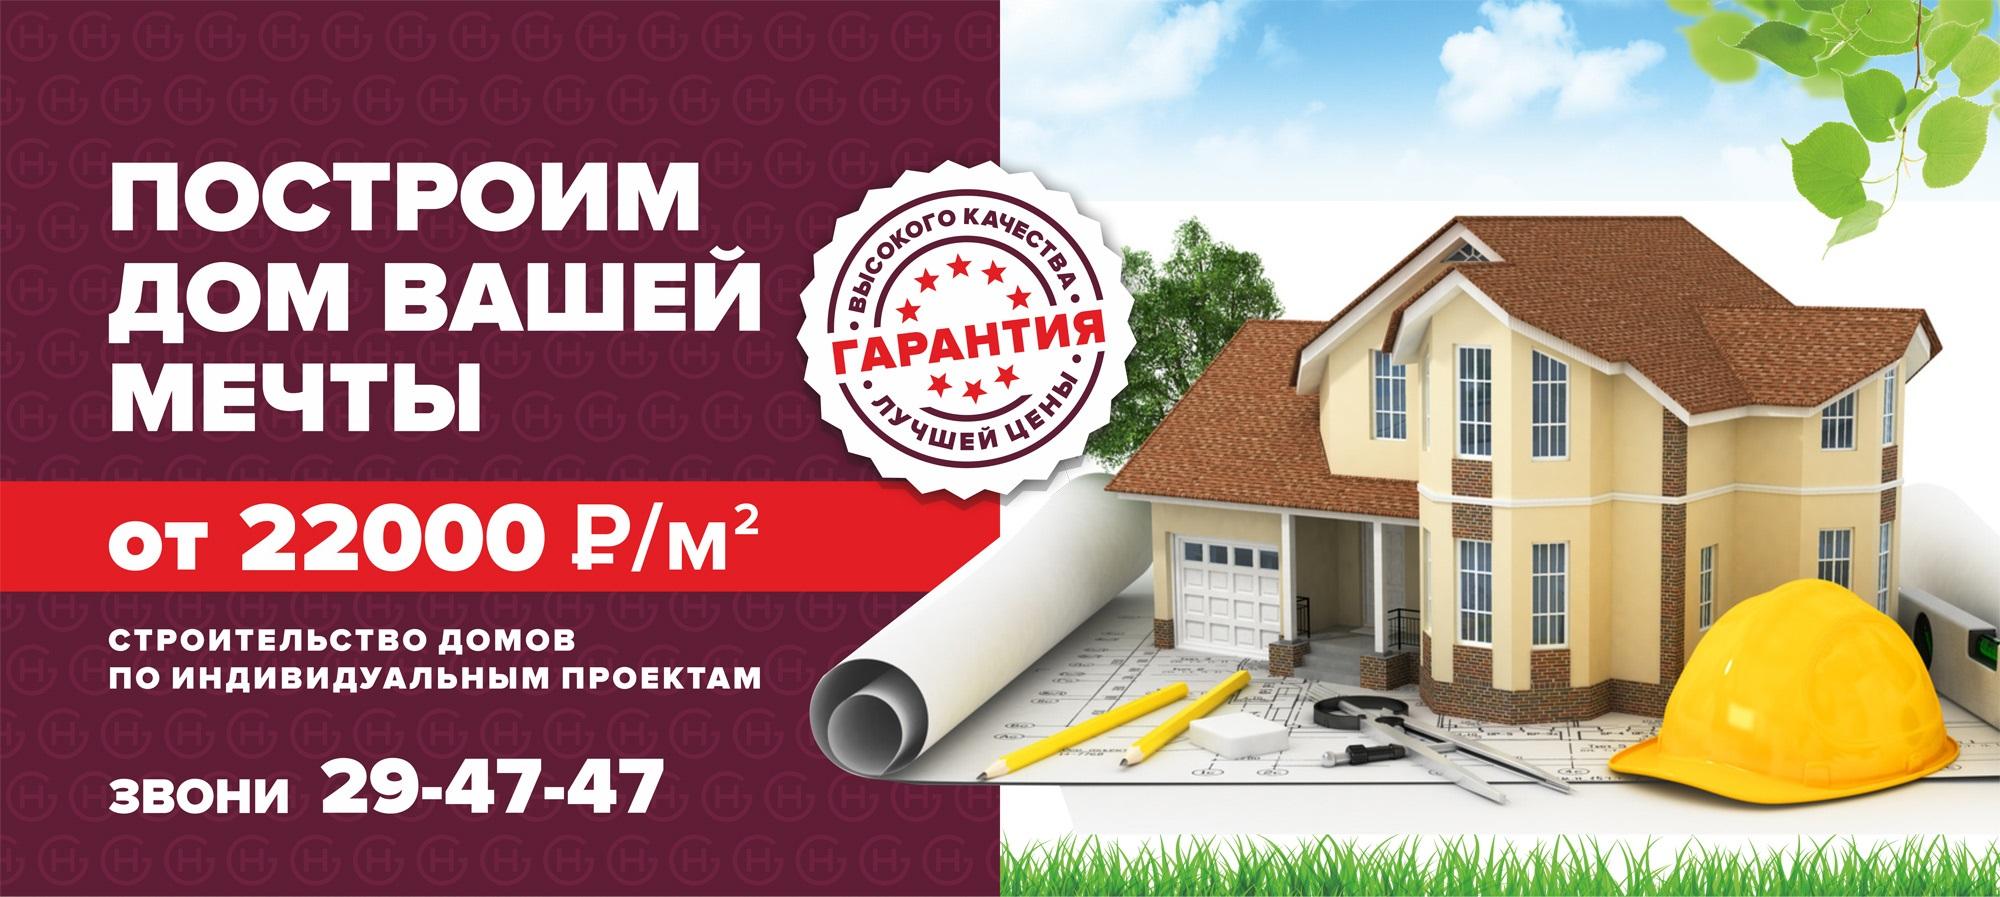 Строительство по индивидуальным проектам 14 000 руб.